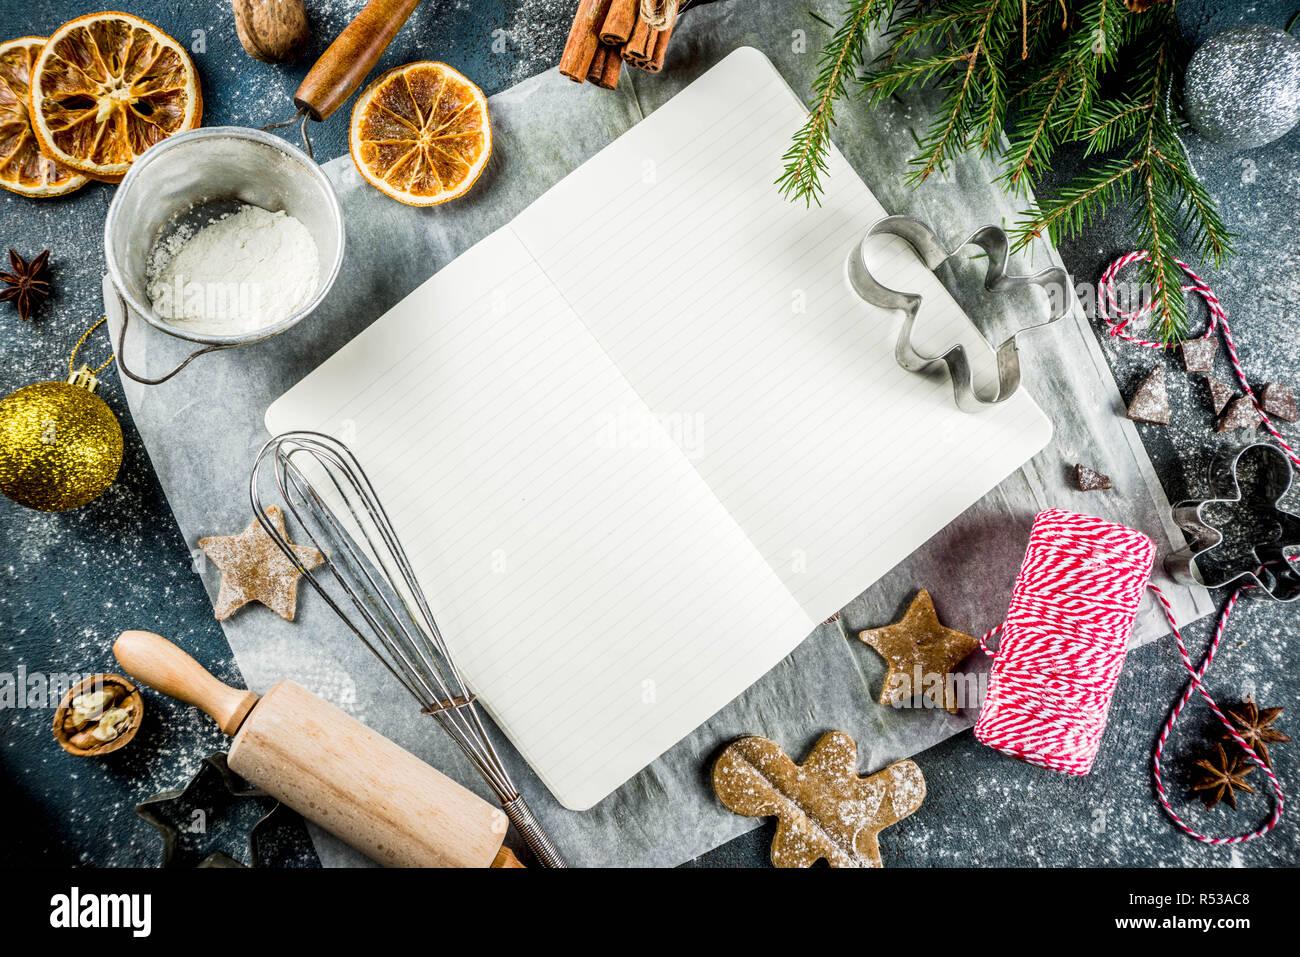 Ricette Sul Natale.Ricettario Di Vuoto Per Natale Ricette Sul Blu Scuro Dello